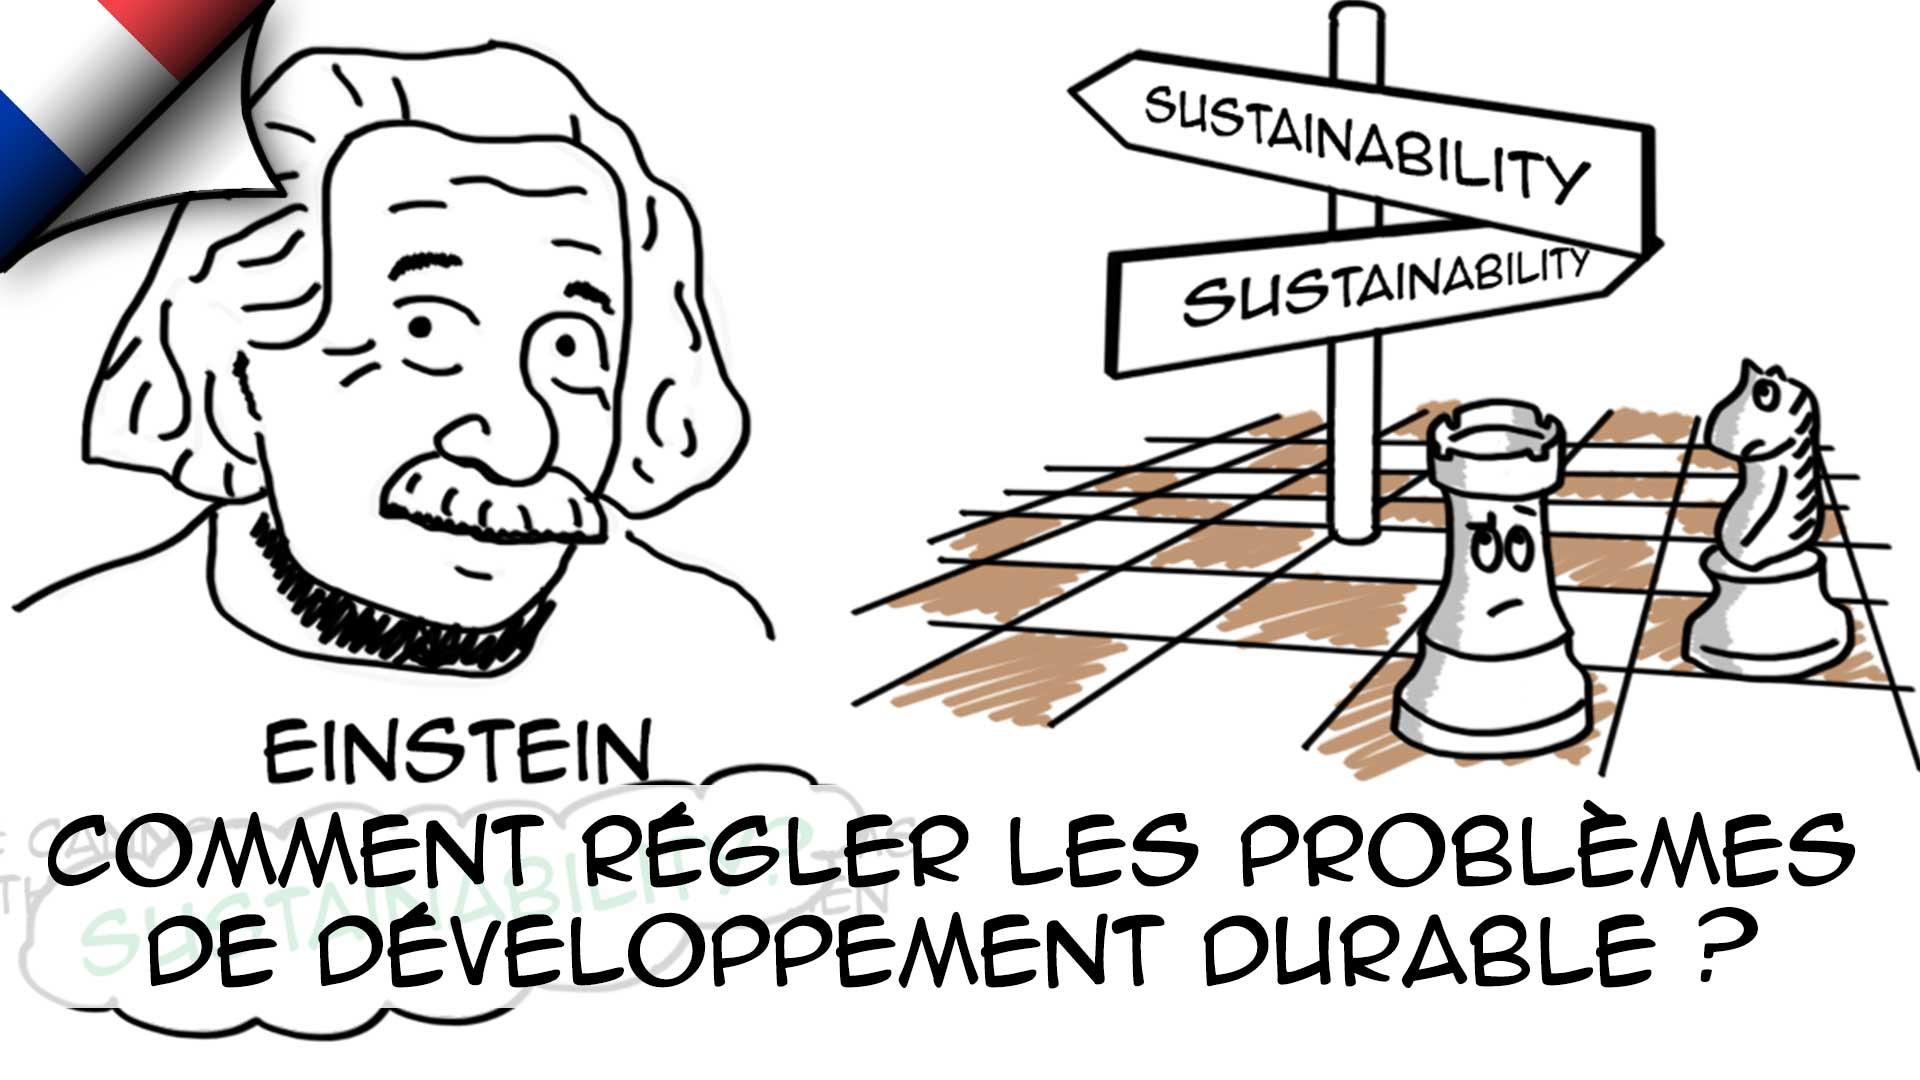 Planification à rebours : Comment Einstein règlerait-il nos problèmes de développement durable?